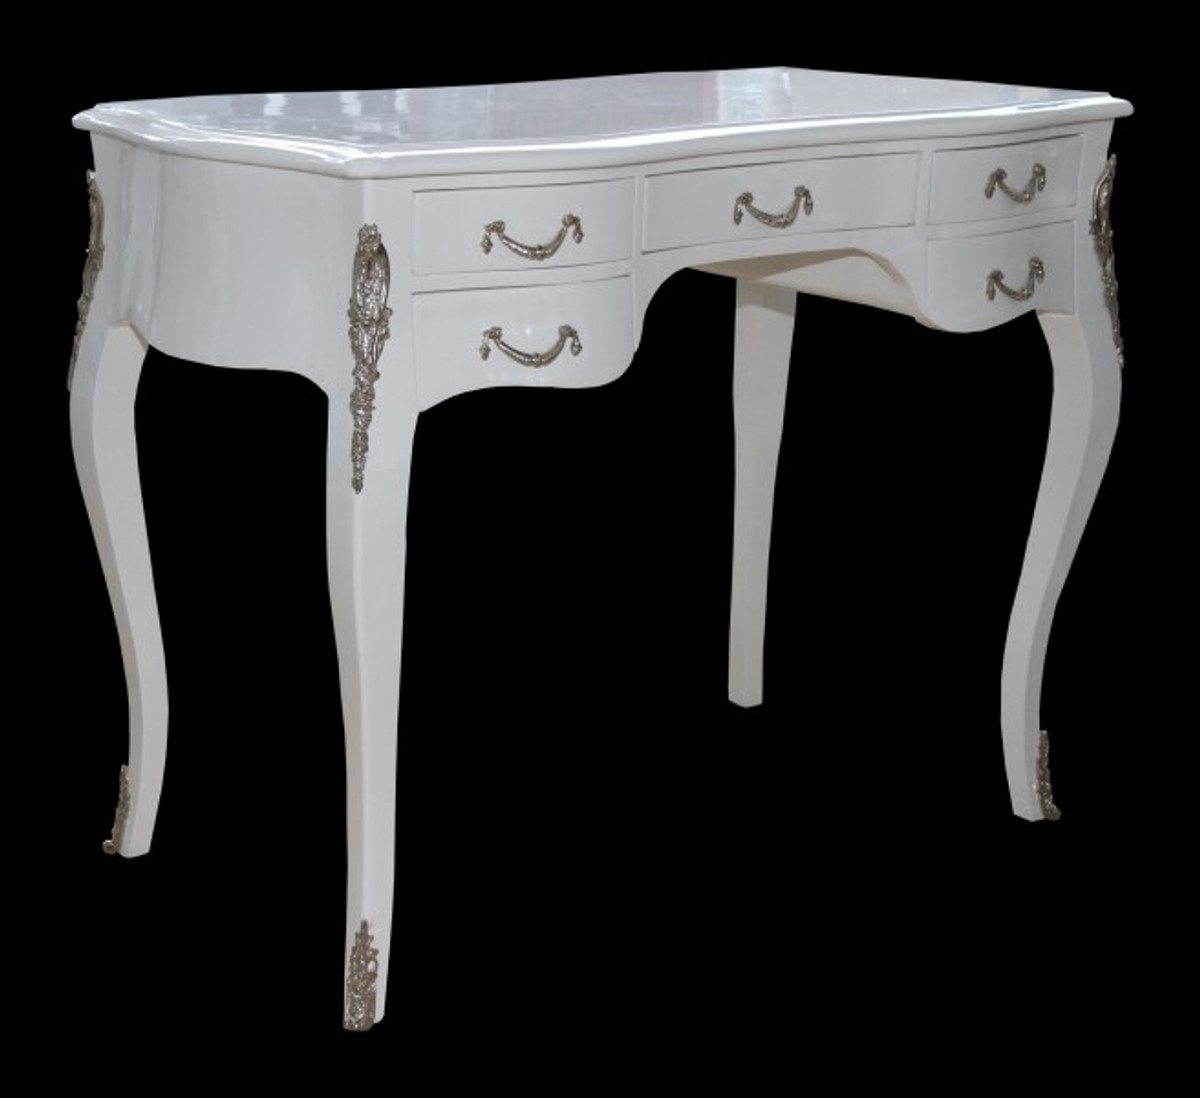 casa padrino luxus barock schreibtisch wei hochglanz silber 100 x 80 x 58 cm sekret r luxus. Black Bedroom Furniture Sets. Home Design Ideas